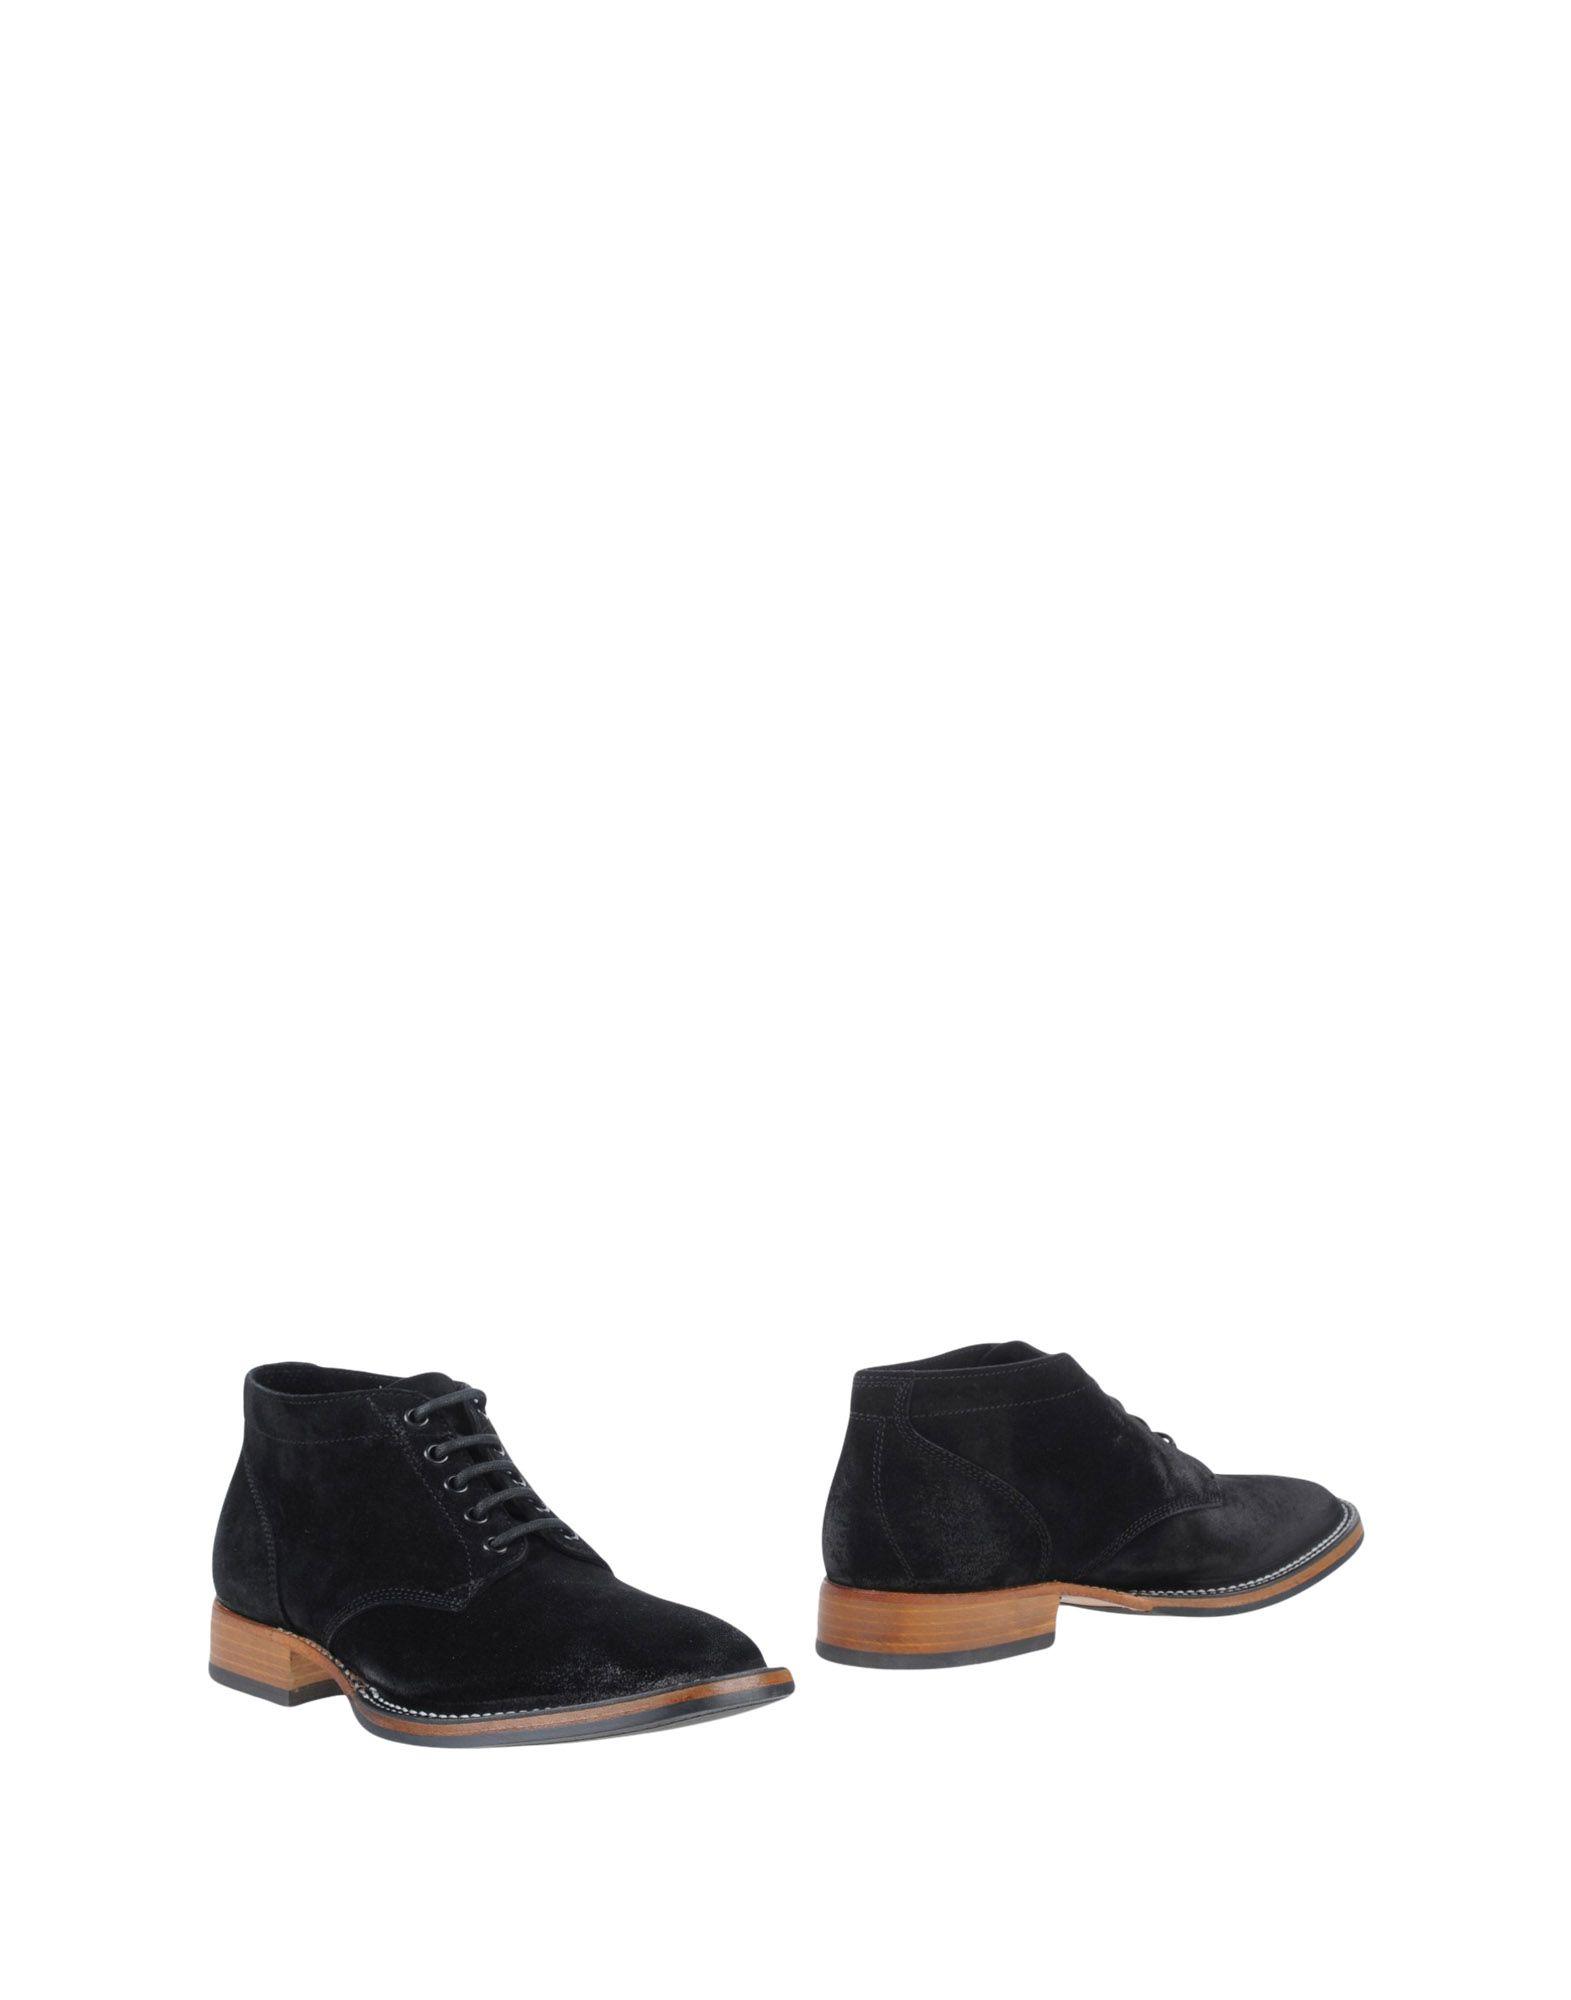 Belstaff Stiefelette Herren  11397286RB Gute Qualität beliebte Schuhe